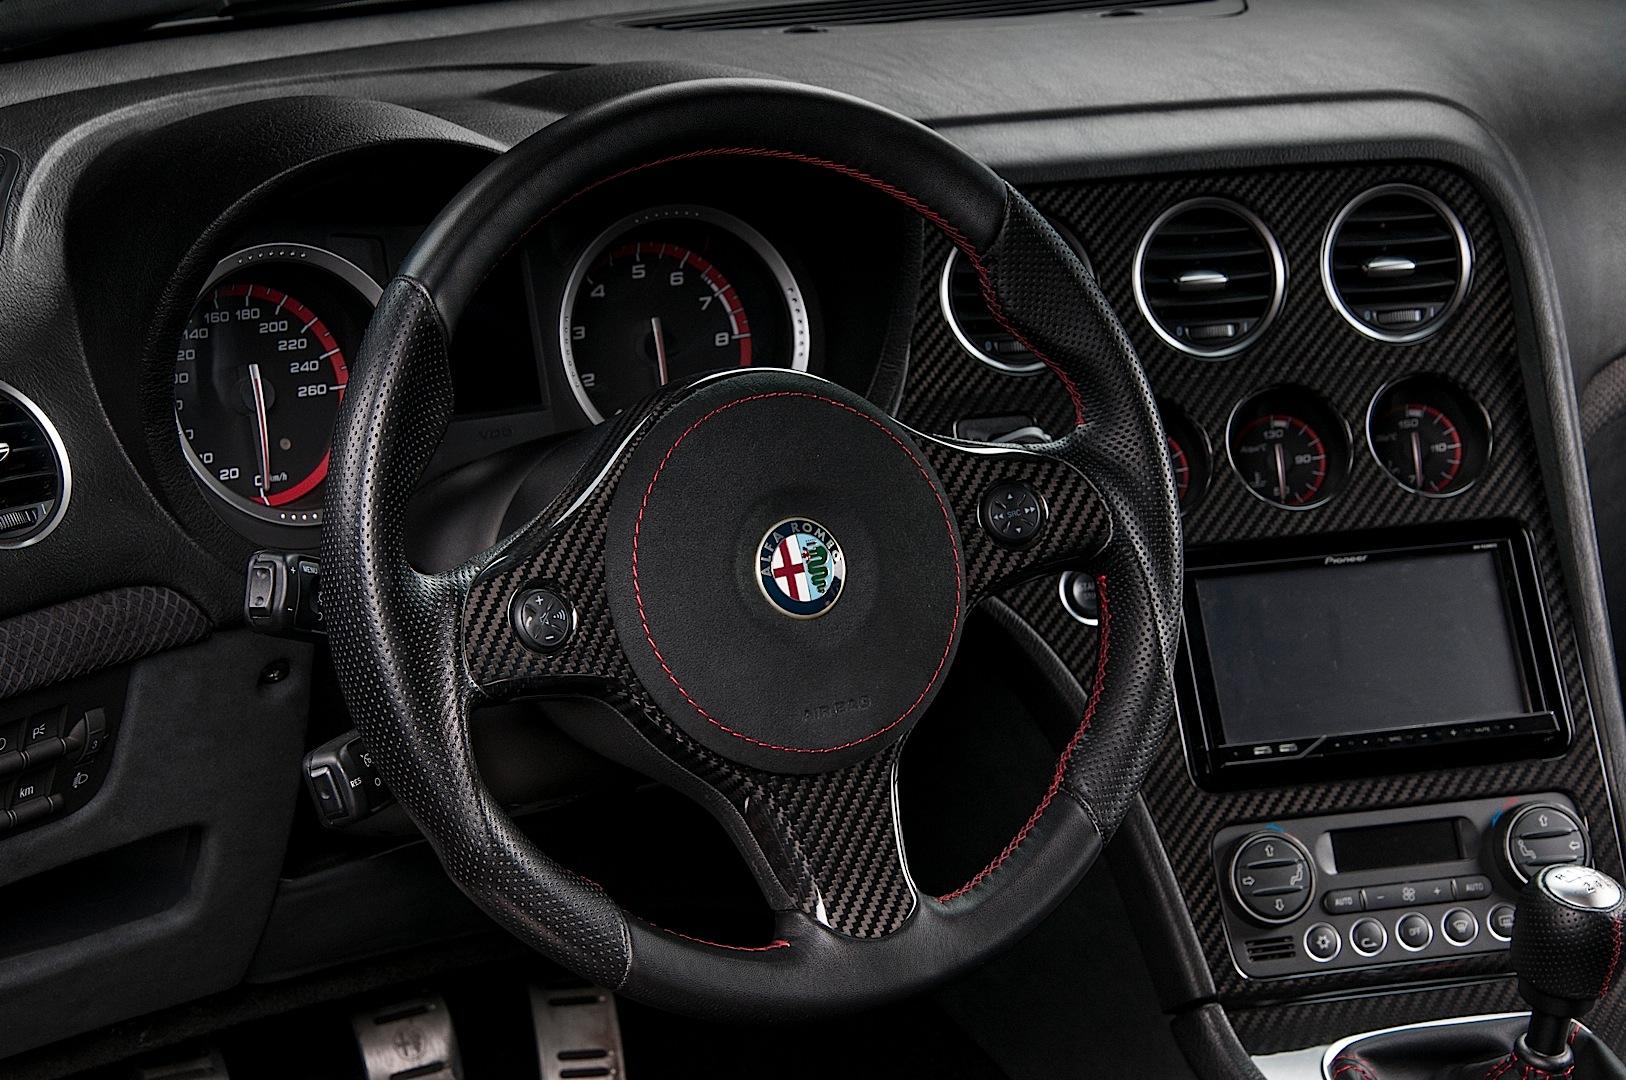 Alfa romeo 159 sw 1750 tbi ti